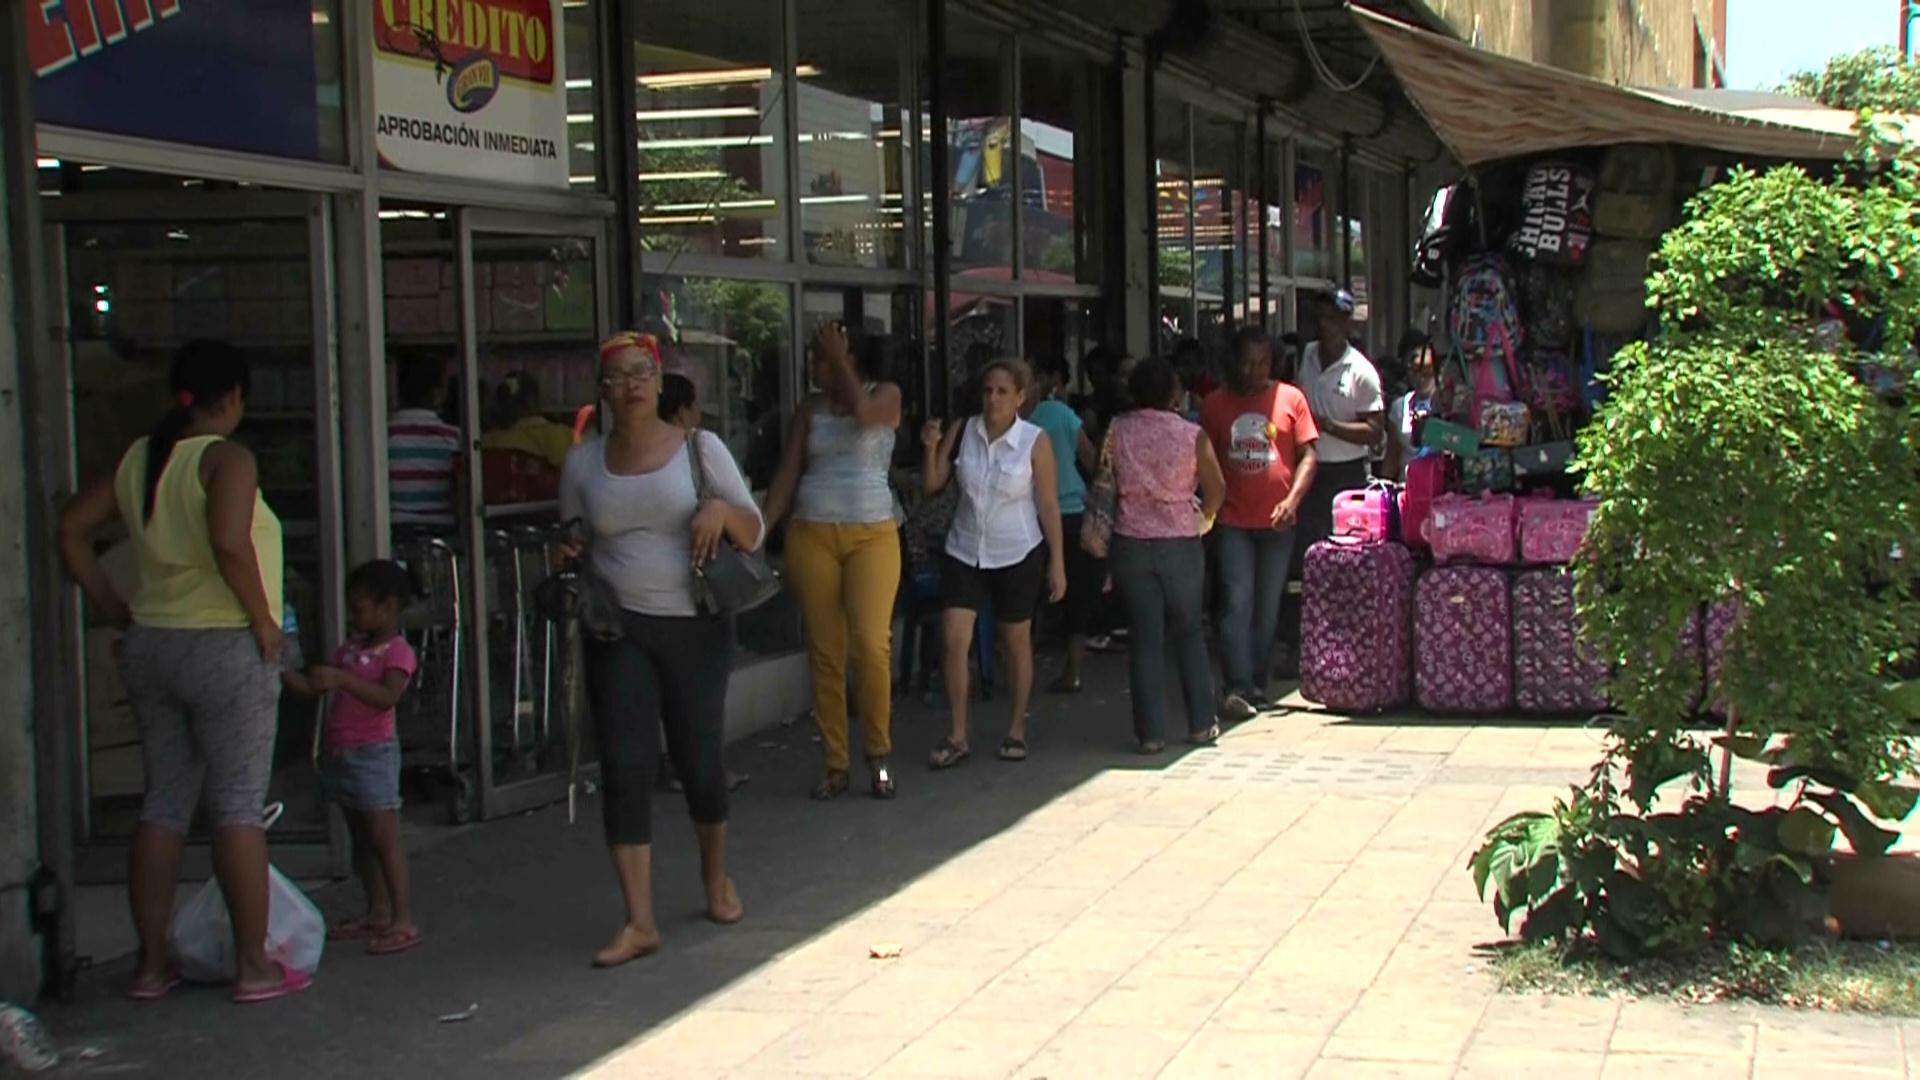 Comerciantes esperan que ventas aumenten por celebración de día del padre